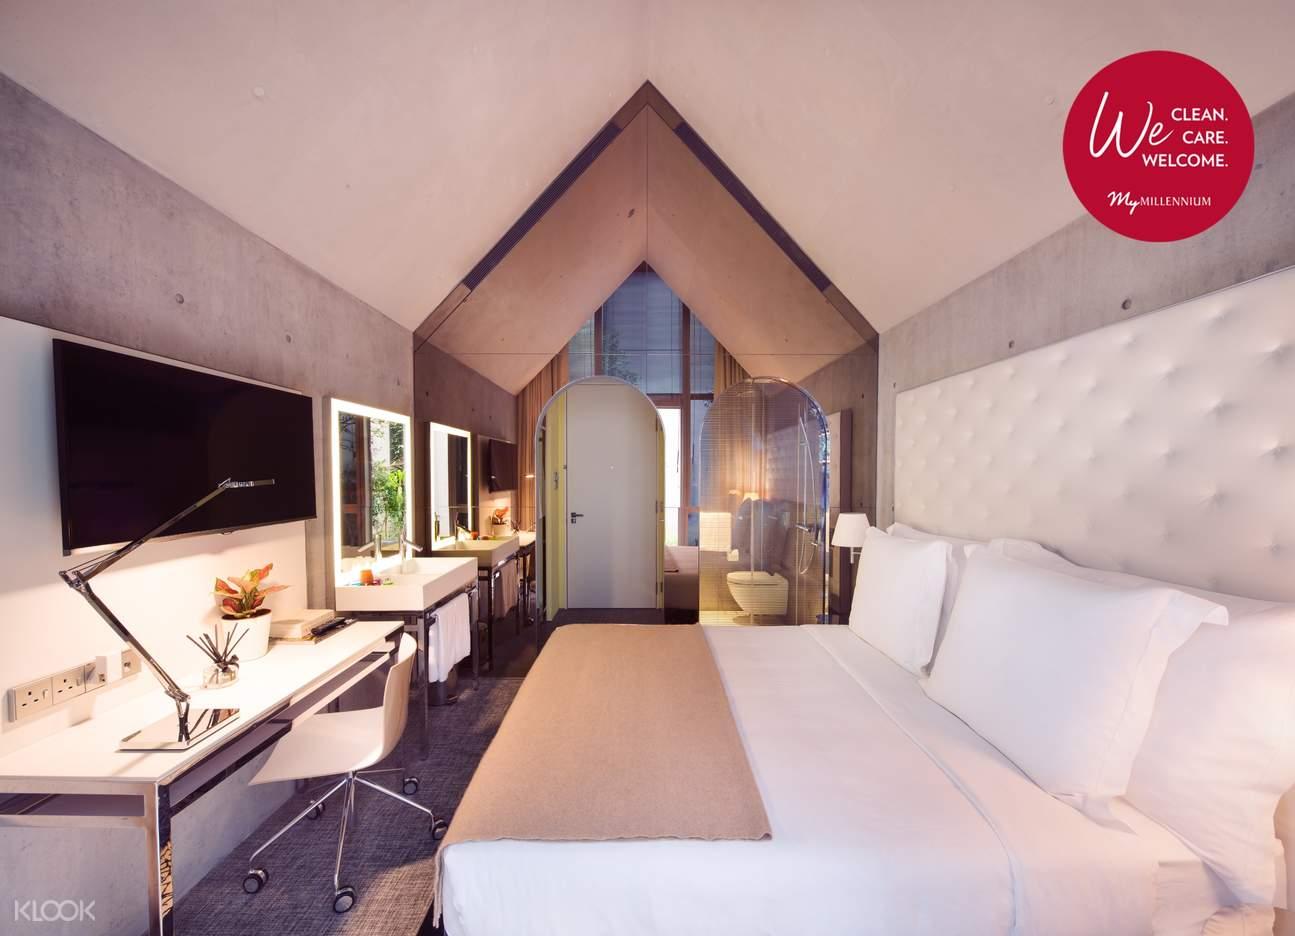 Alcove Cosy Room